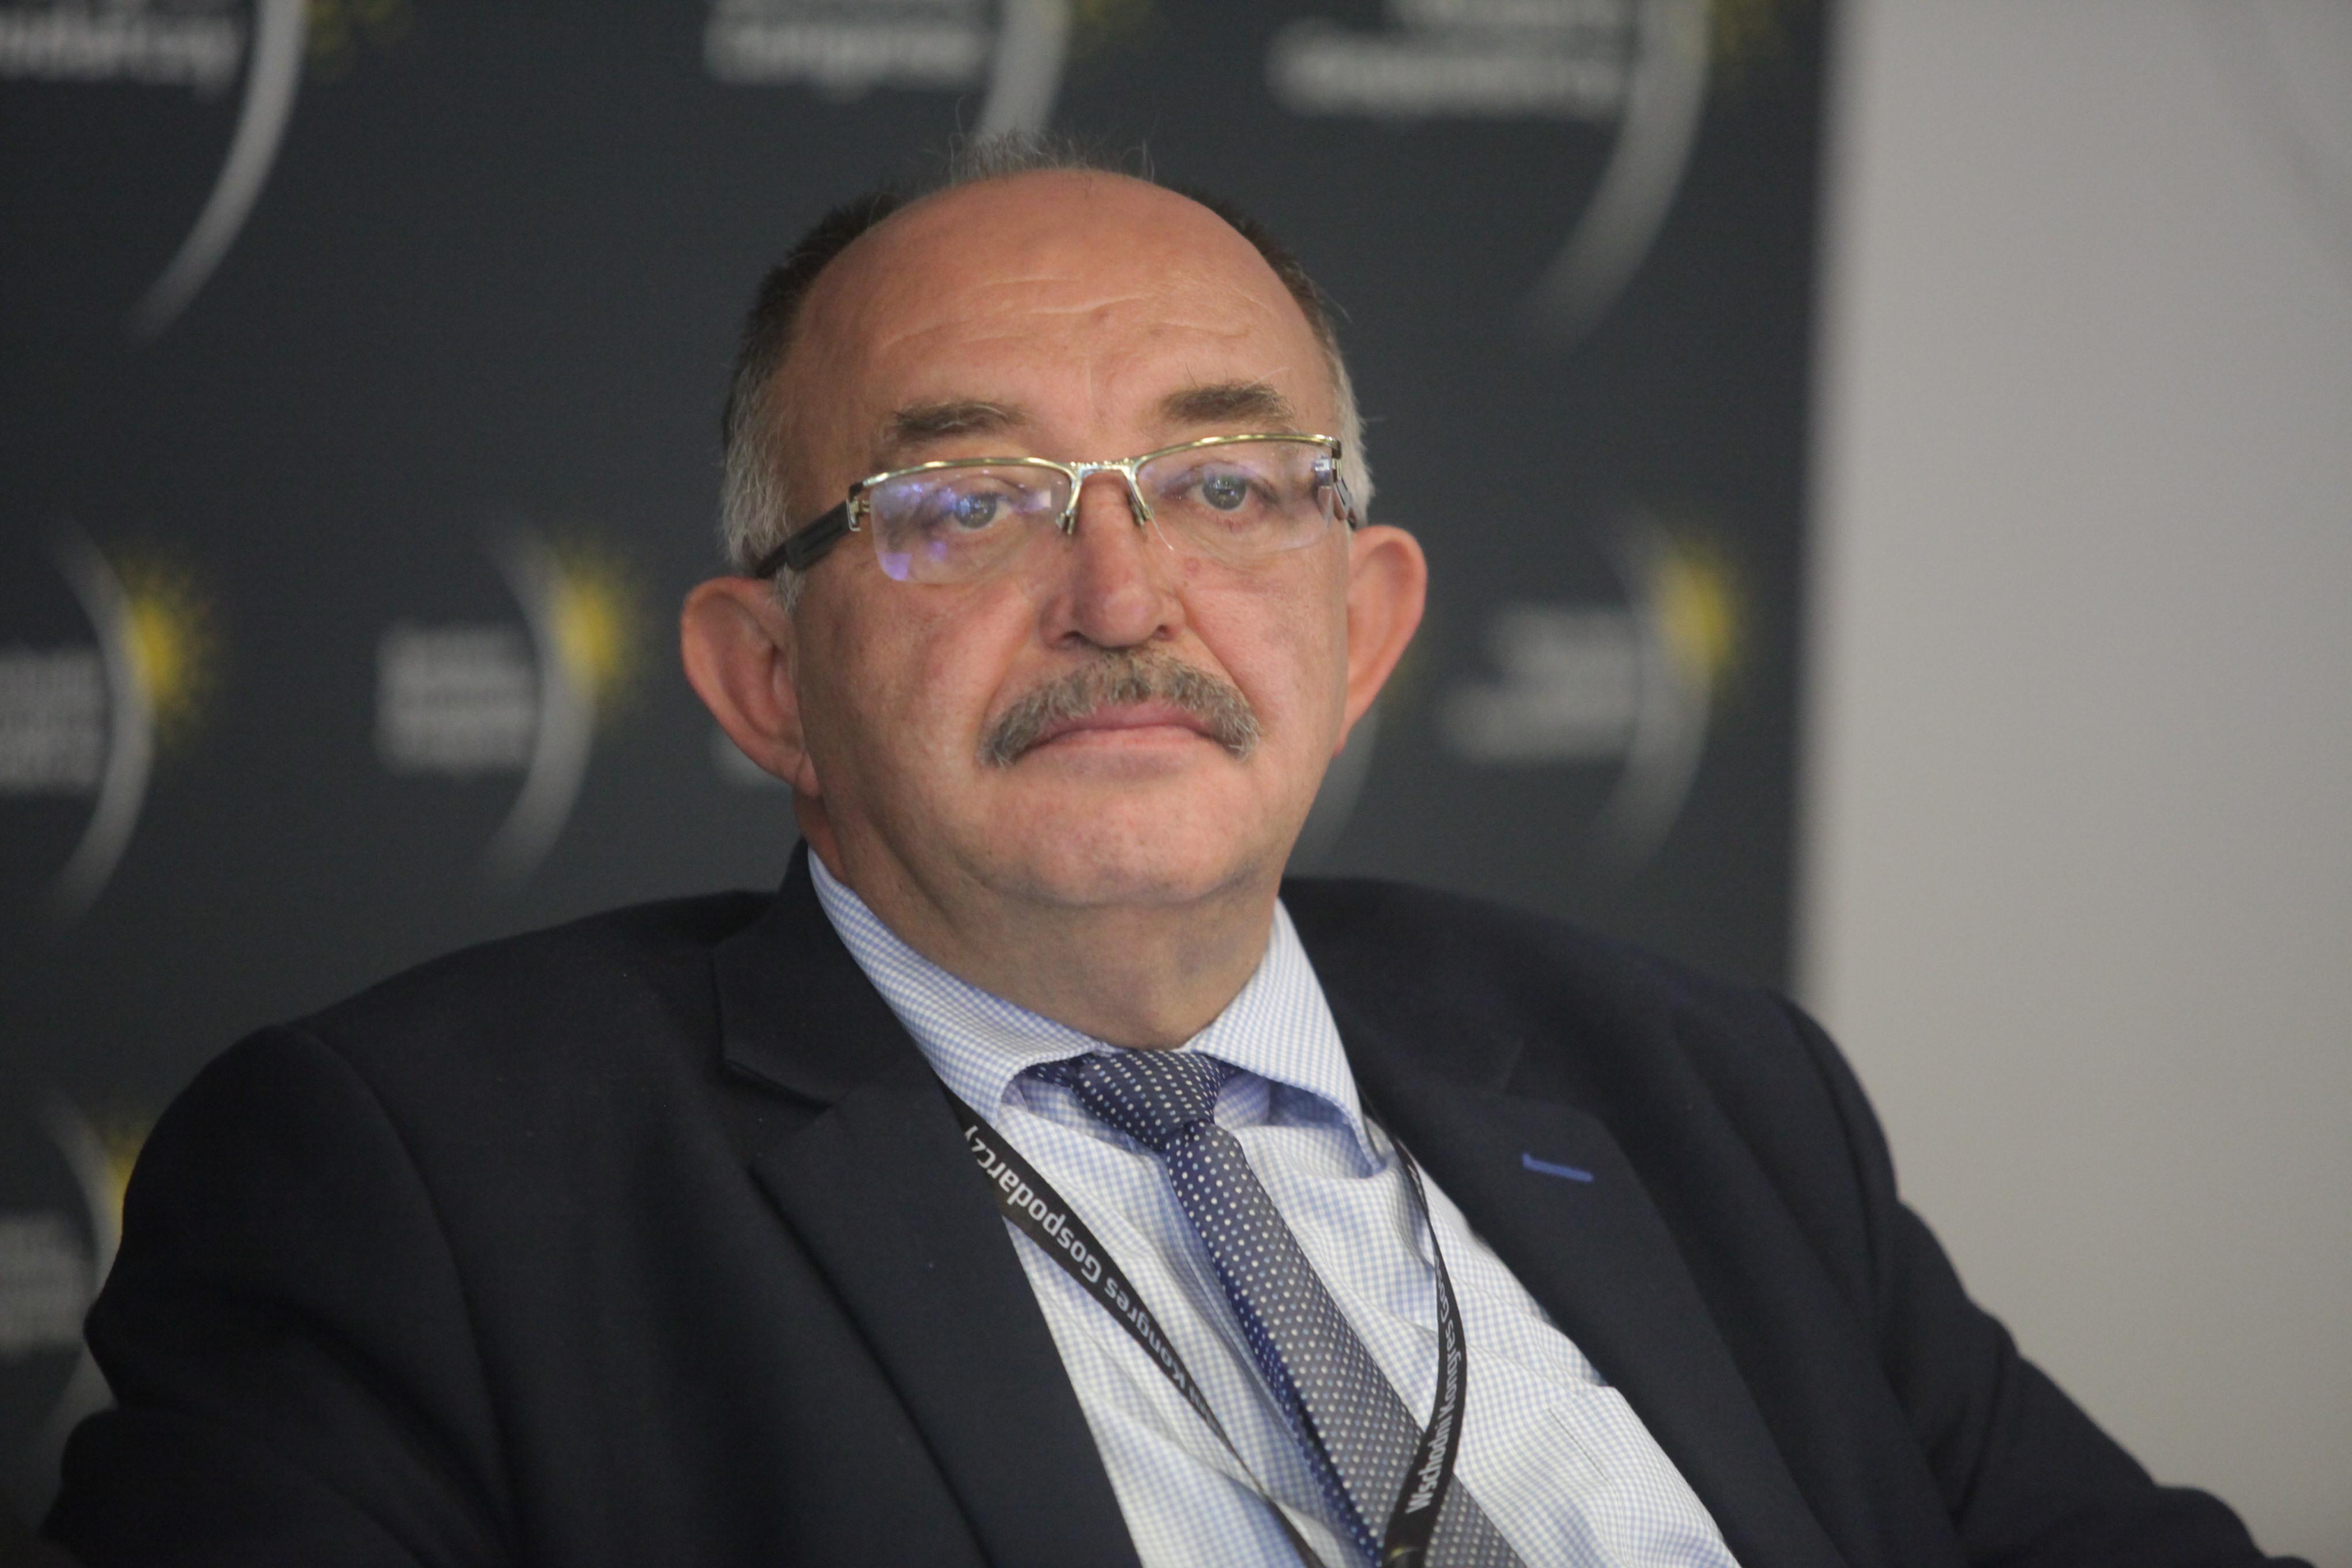 Miron Sycz, wicemarszałek województwa warmińsko-mazurskiego. (fot. PTWP)